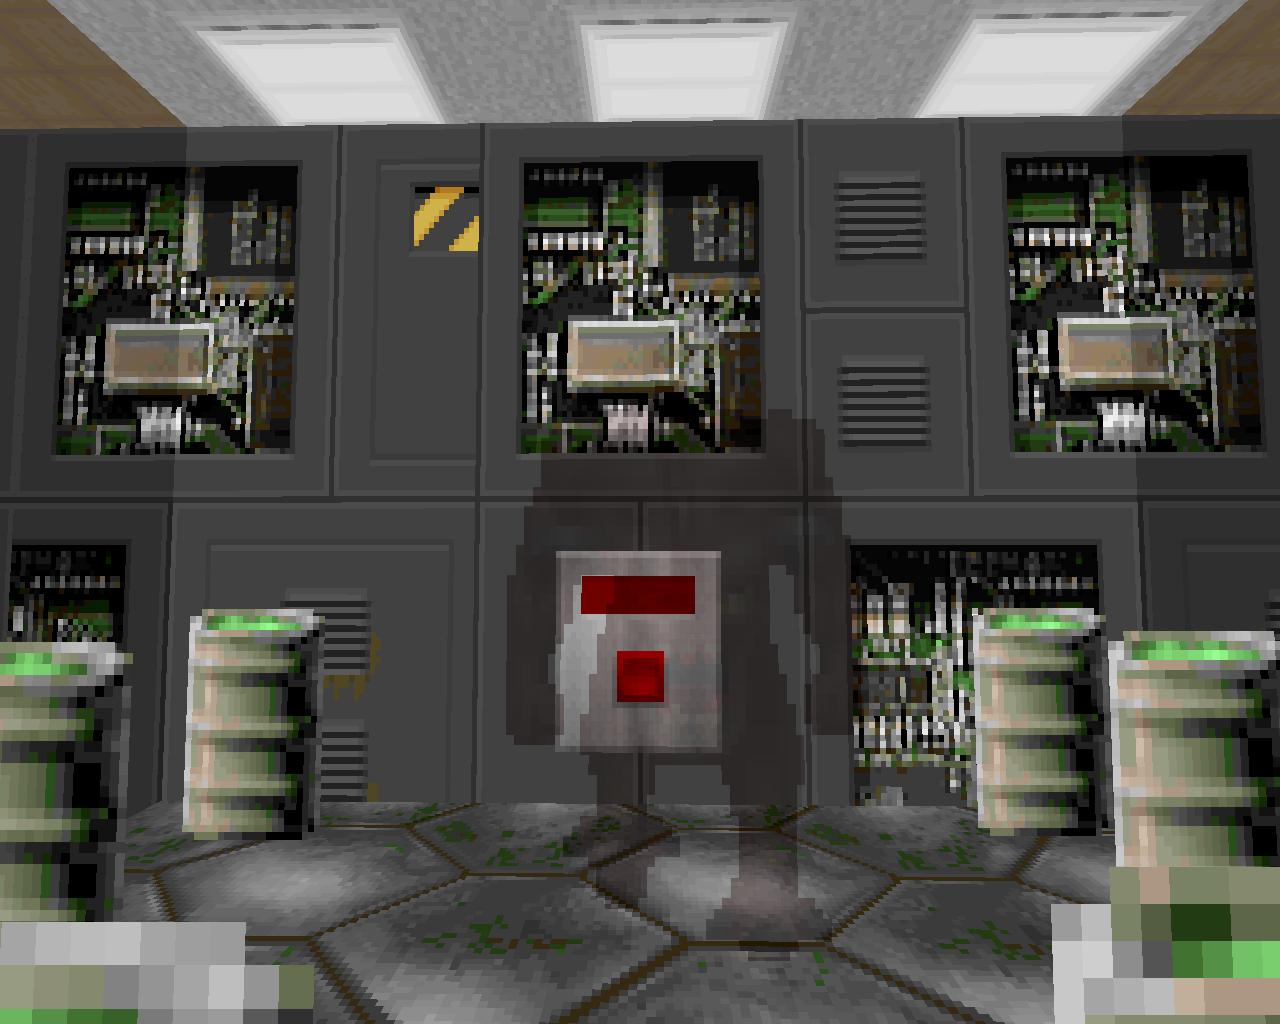 Screenshot_Doom_20200912_182351.png.d3af731d56ead00639f6059a0646683a.png